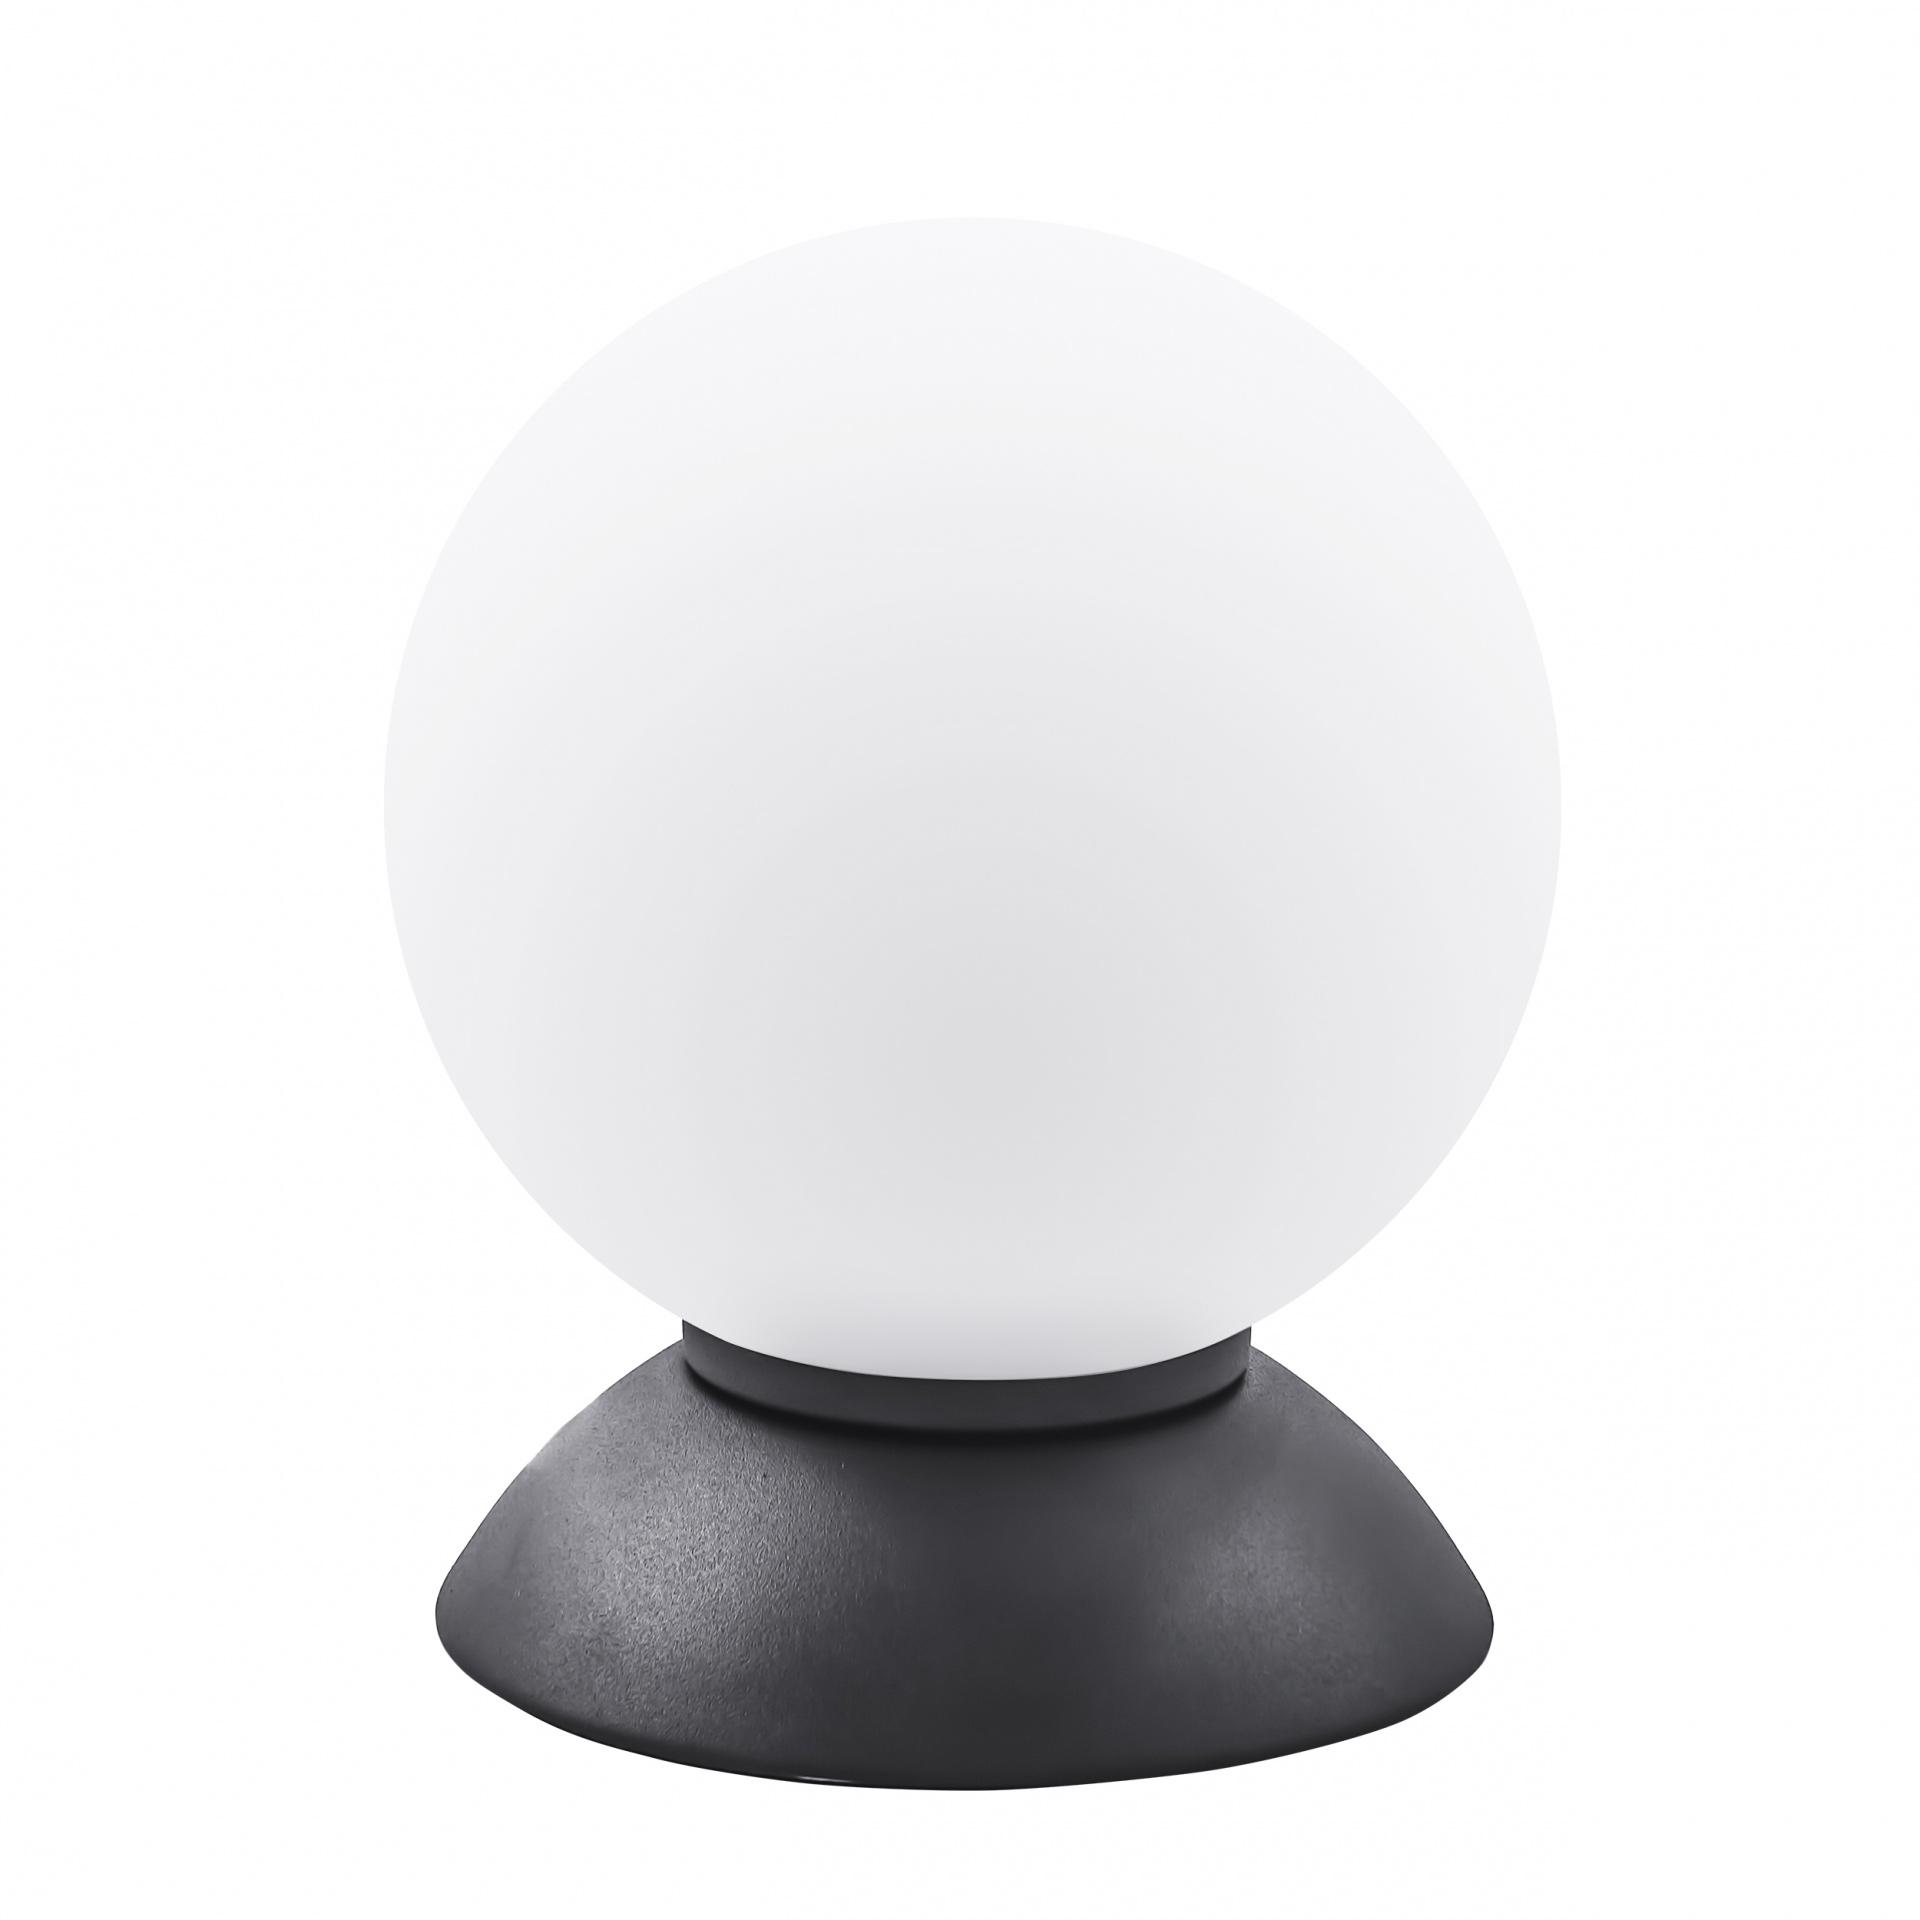 Настольная лампа Globo 1х40W E14 Black/white Lightstar 813917, купить в СПб, Москве, с доставкой, Санкт-Петербург, интернет-магазин люстр и светильников Starlight, фото в жизни